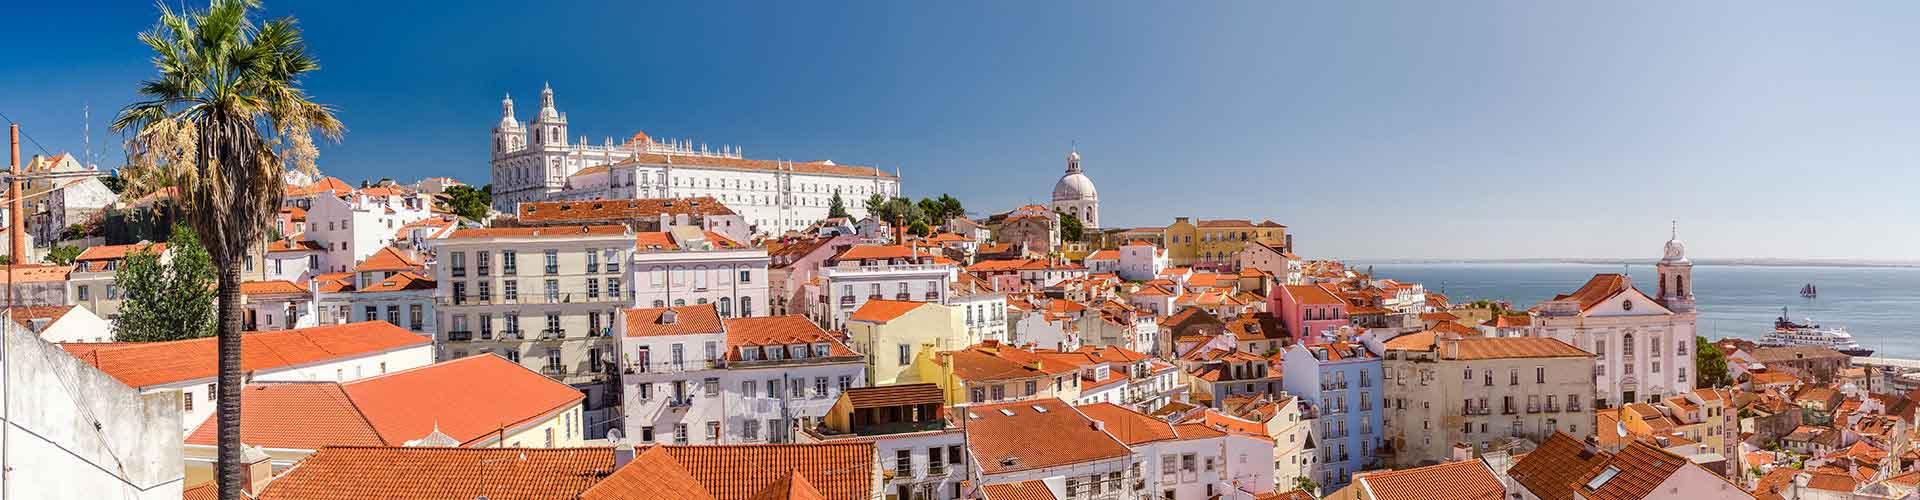 Lisbonne - Appartements dans le quartier de Alfama. Cartes pour Lisbonne, photos et commentaires pour chaque appartement à Lisbonne.